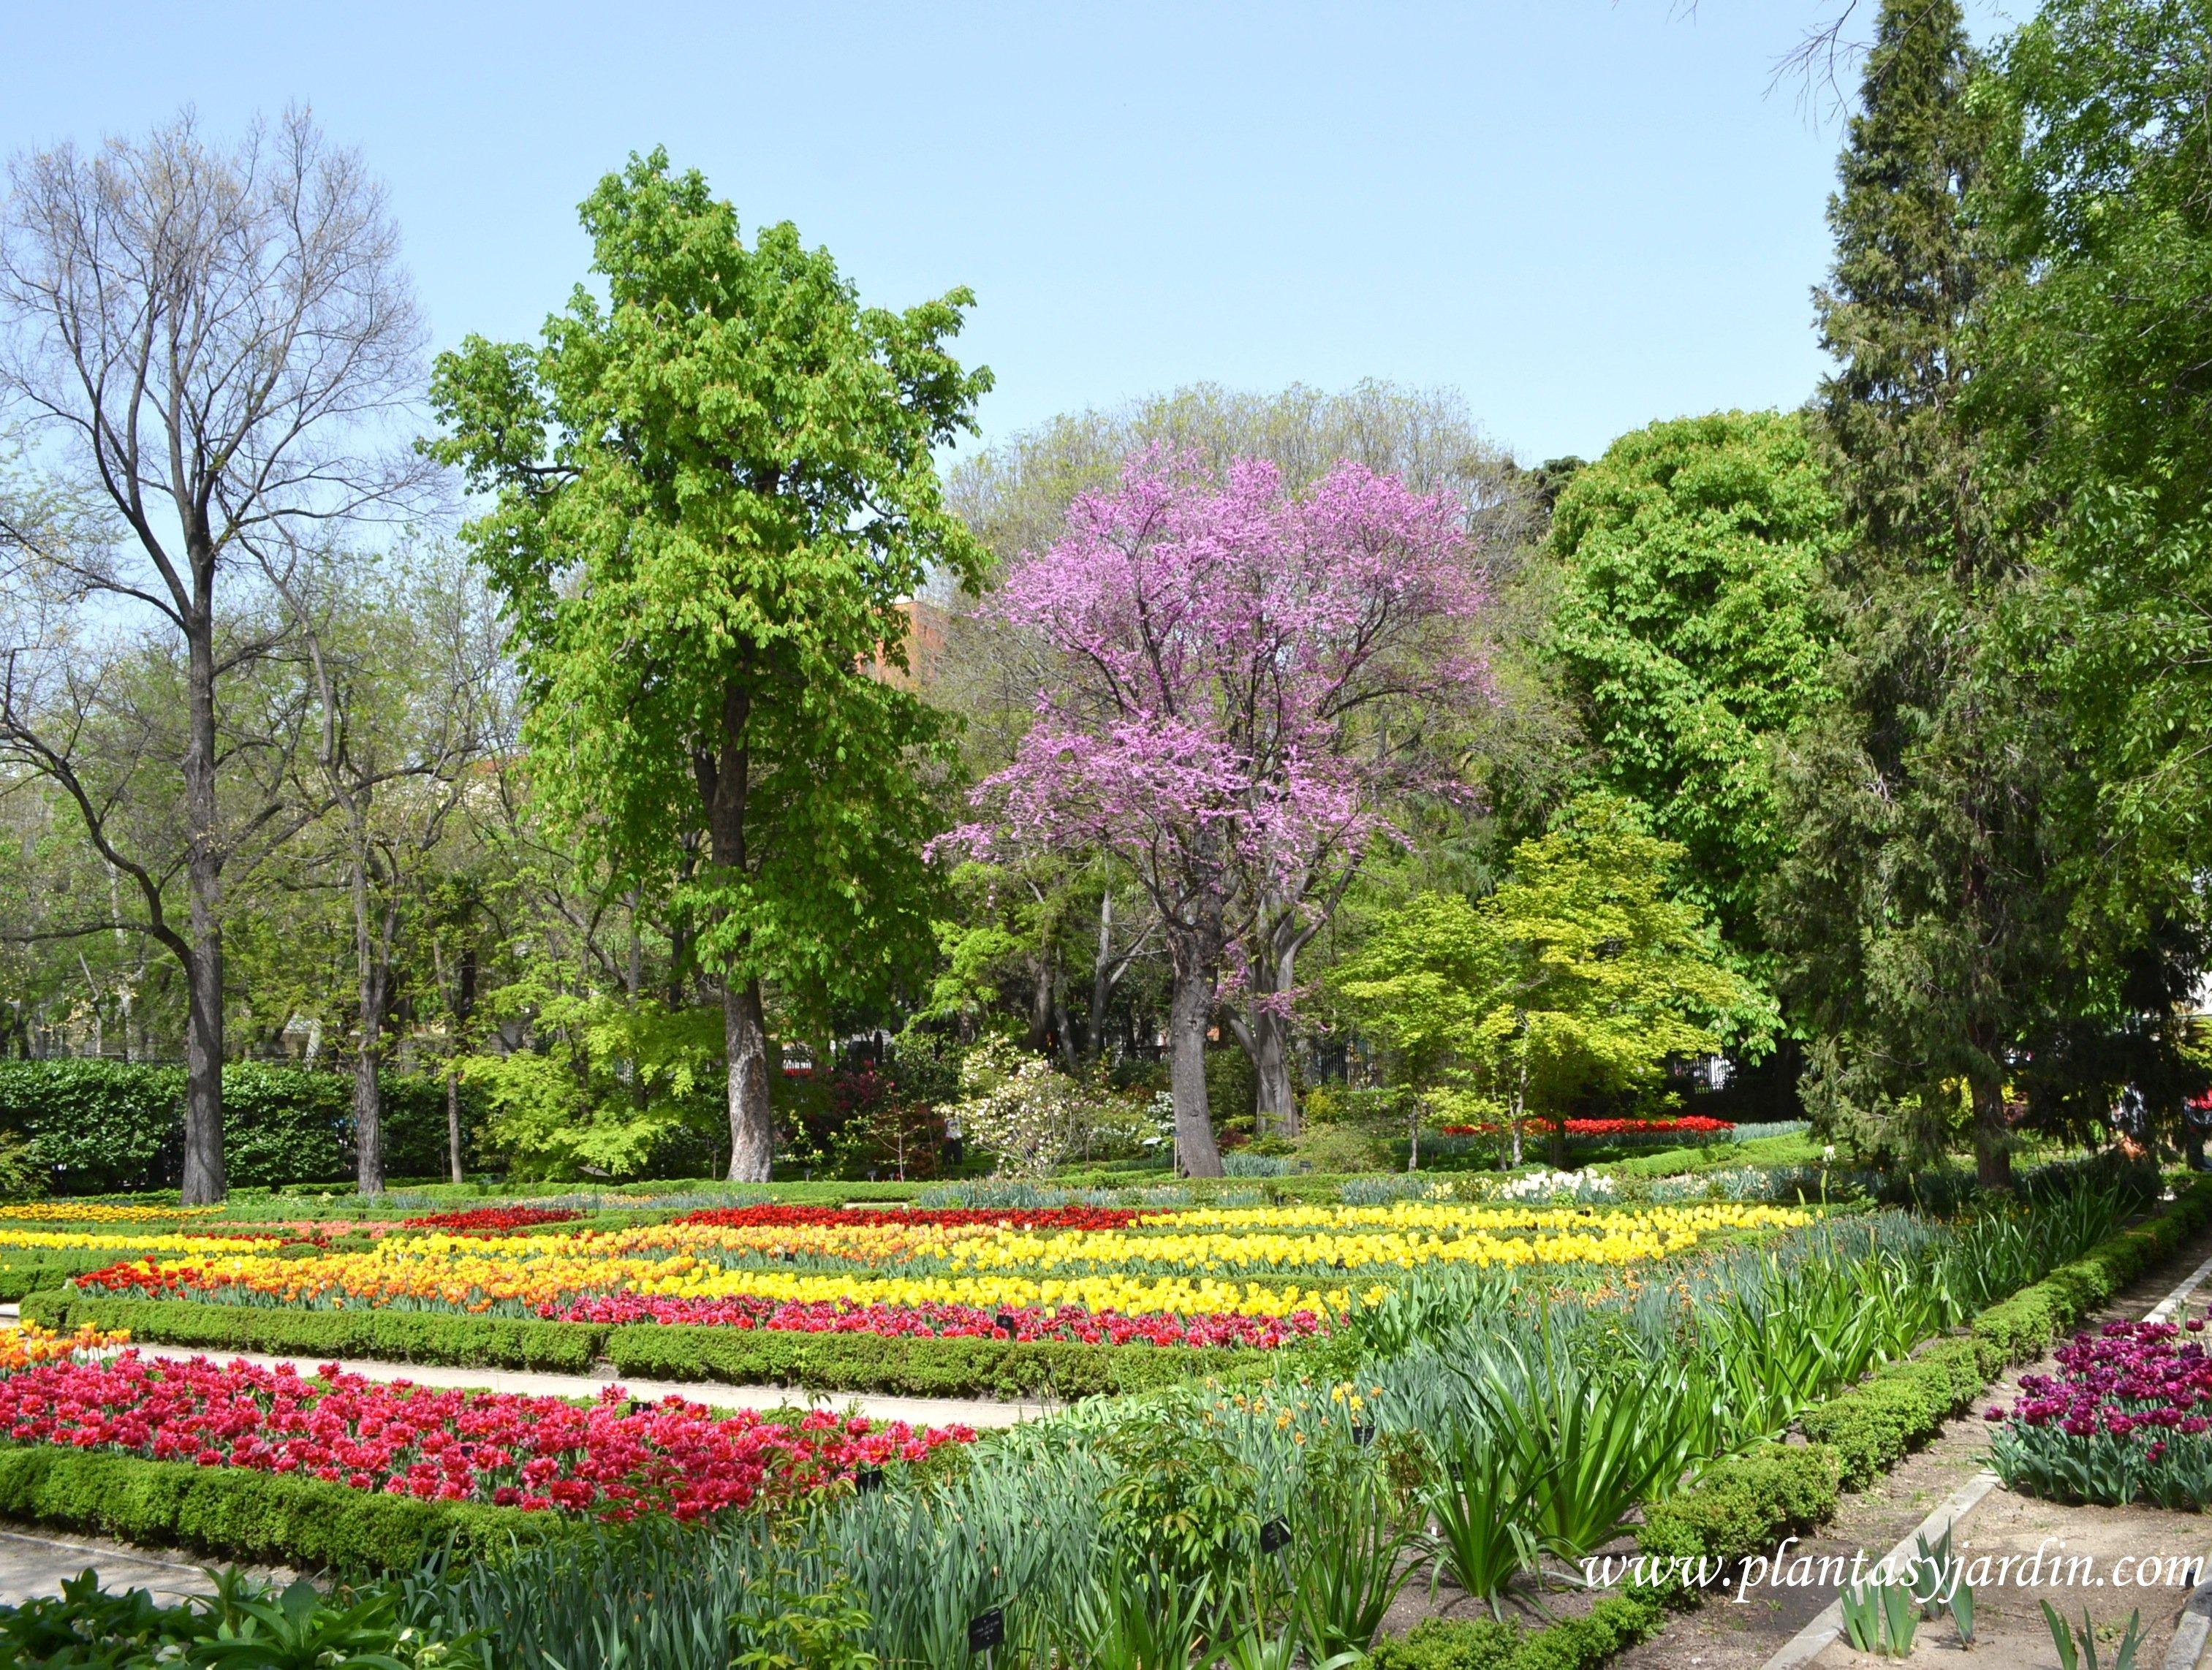 Parque micaela bastidas plantas jard n - Arboles y plantas de jardin ...